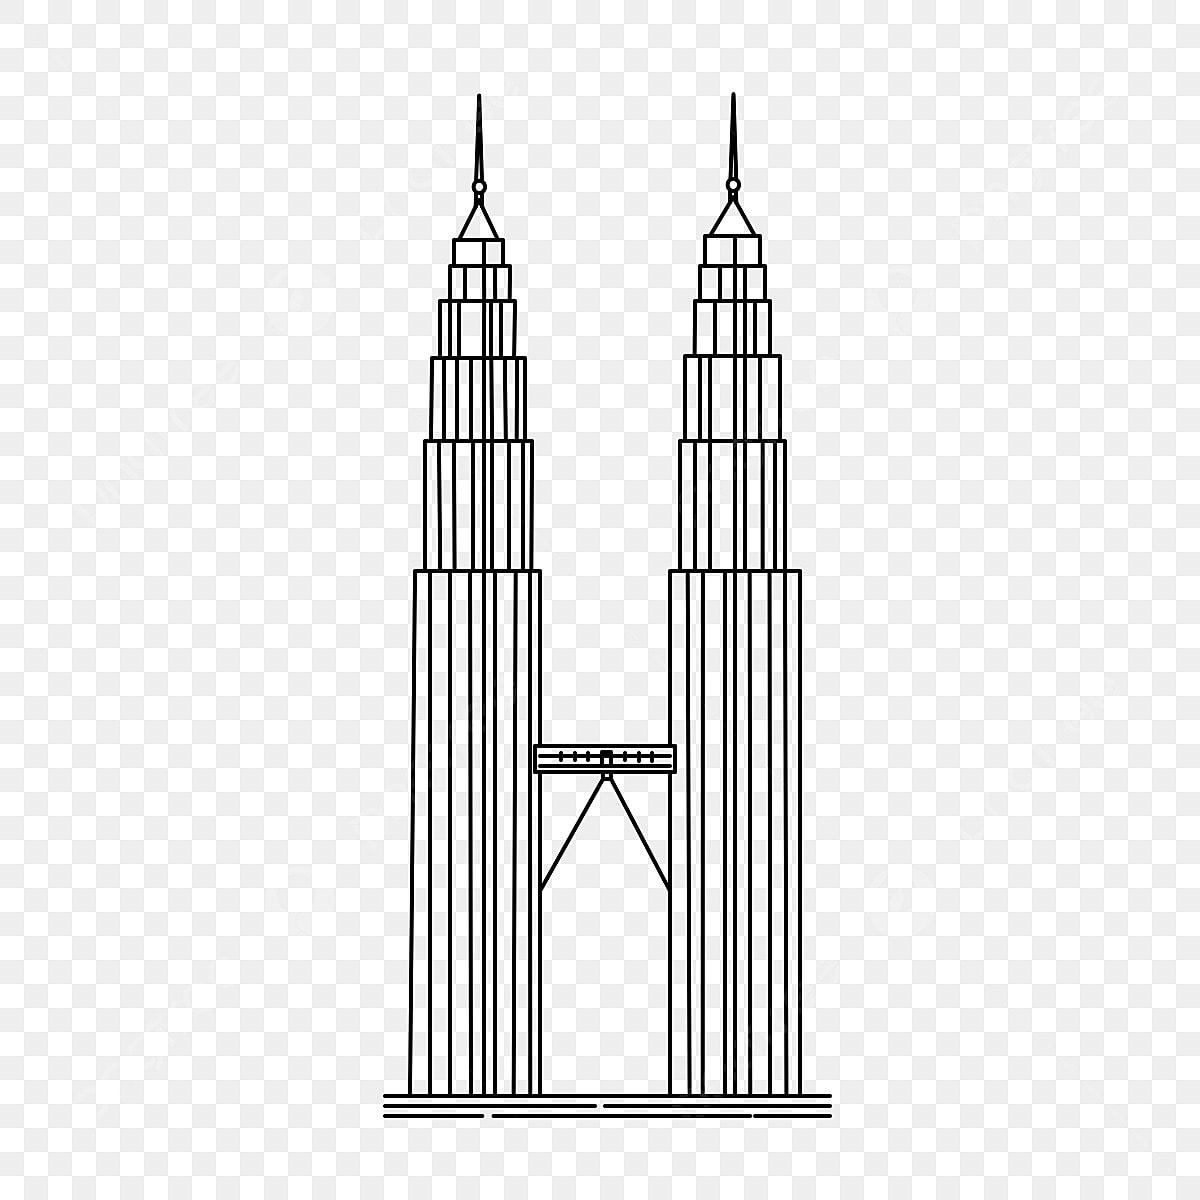 Gambar Hitam Minimalis Petronas Kembar Klcc Menara Hitam Minimalis Vektor Png Dan Psd Untuk Muat Turun Percuma